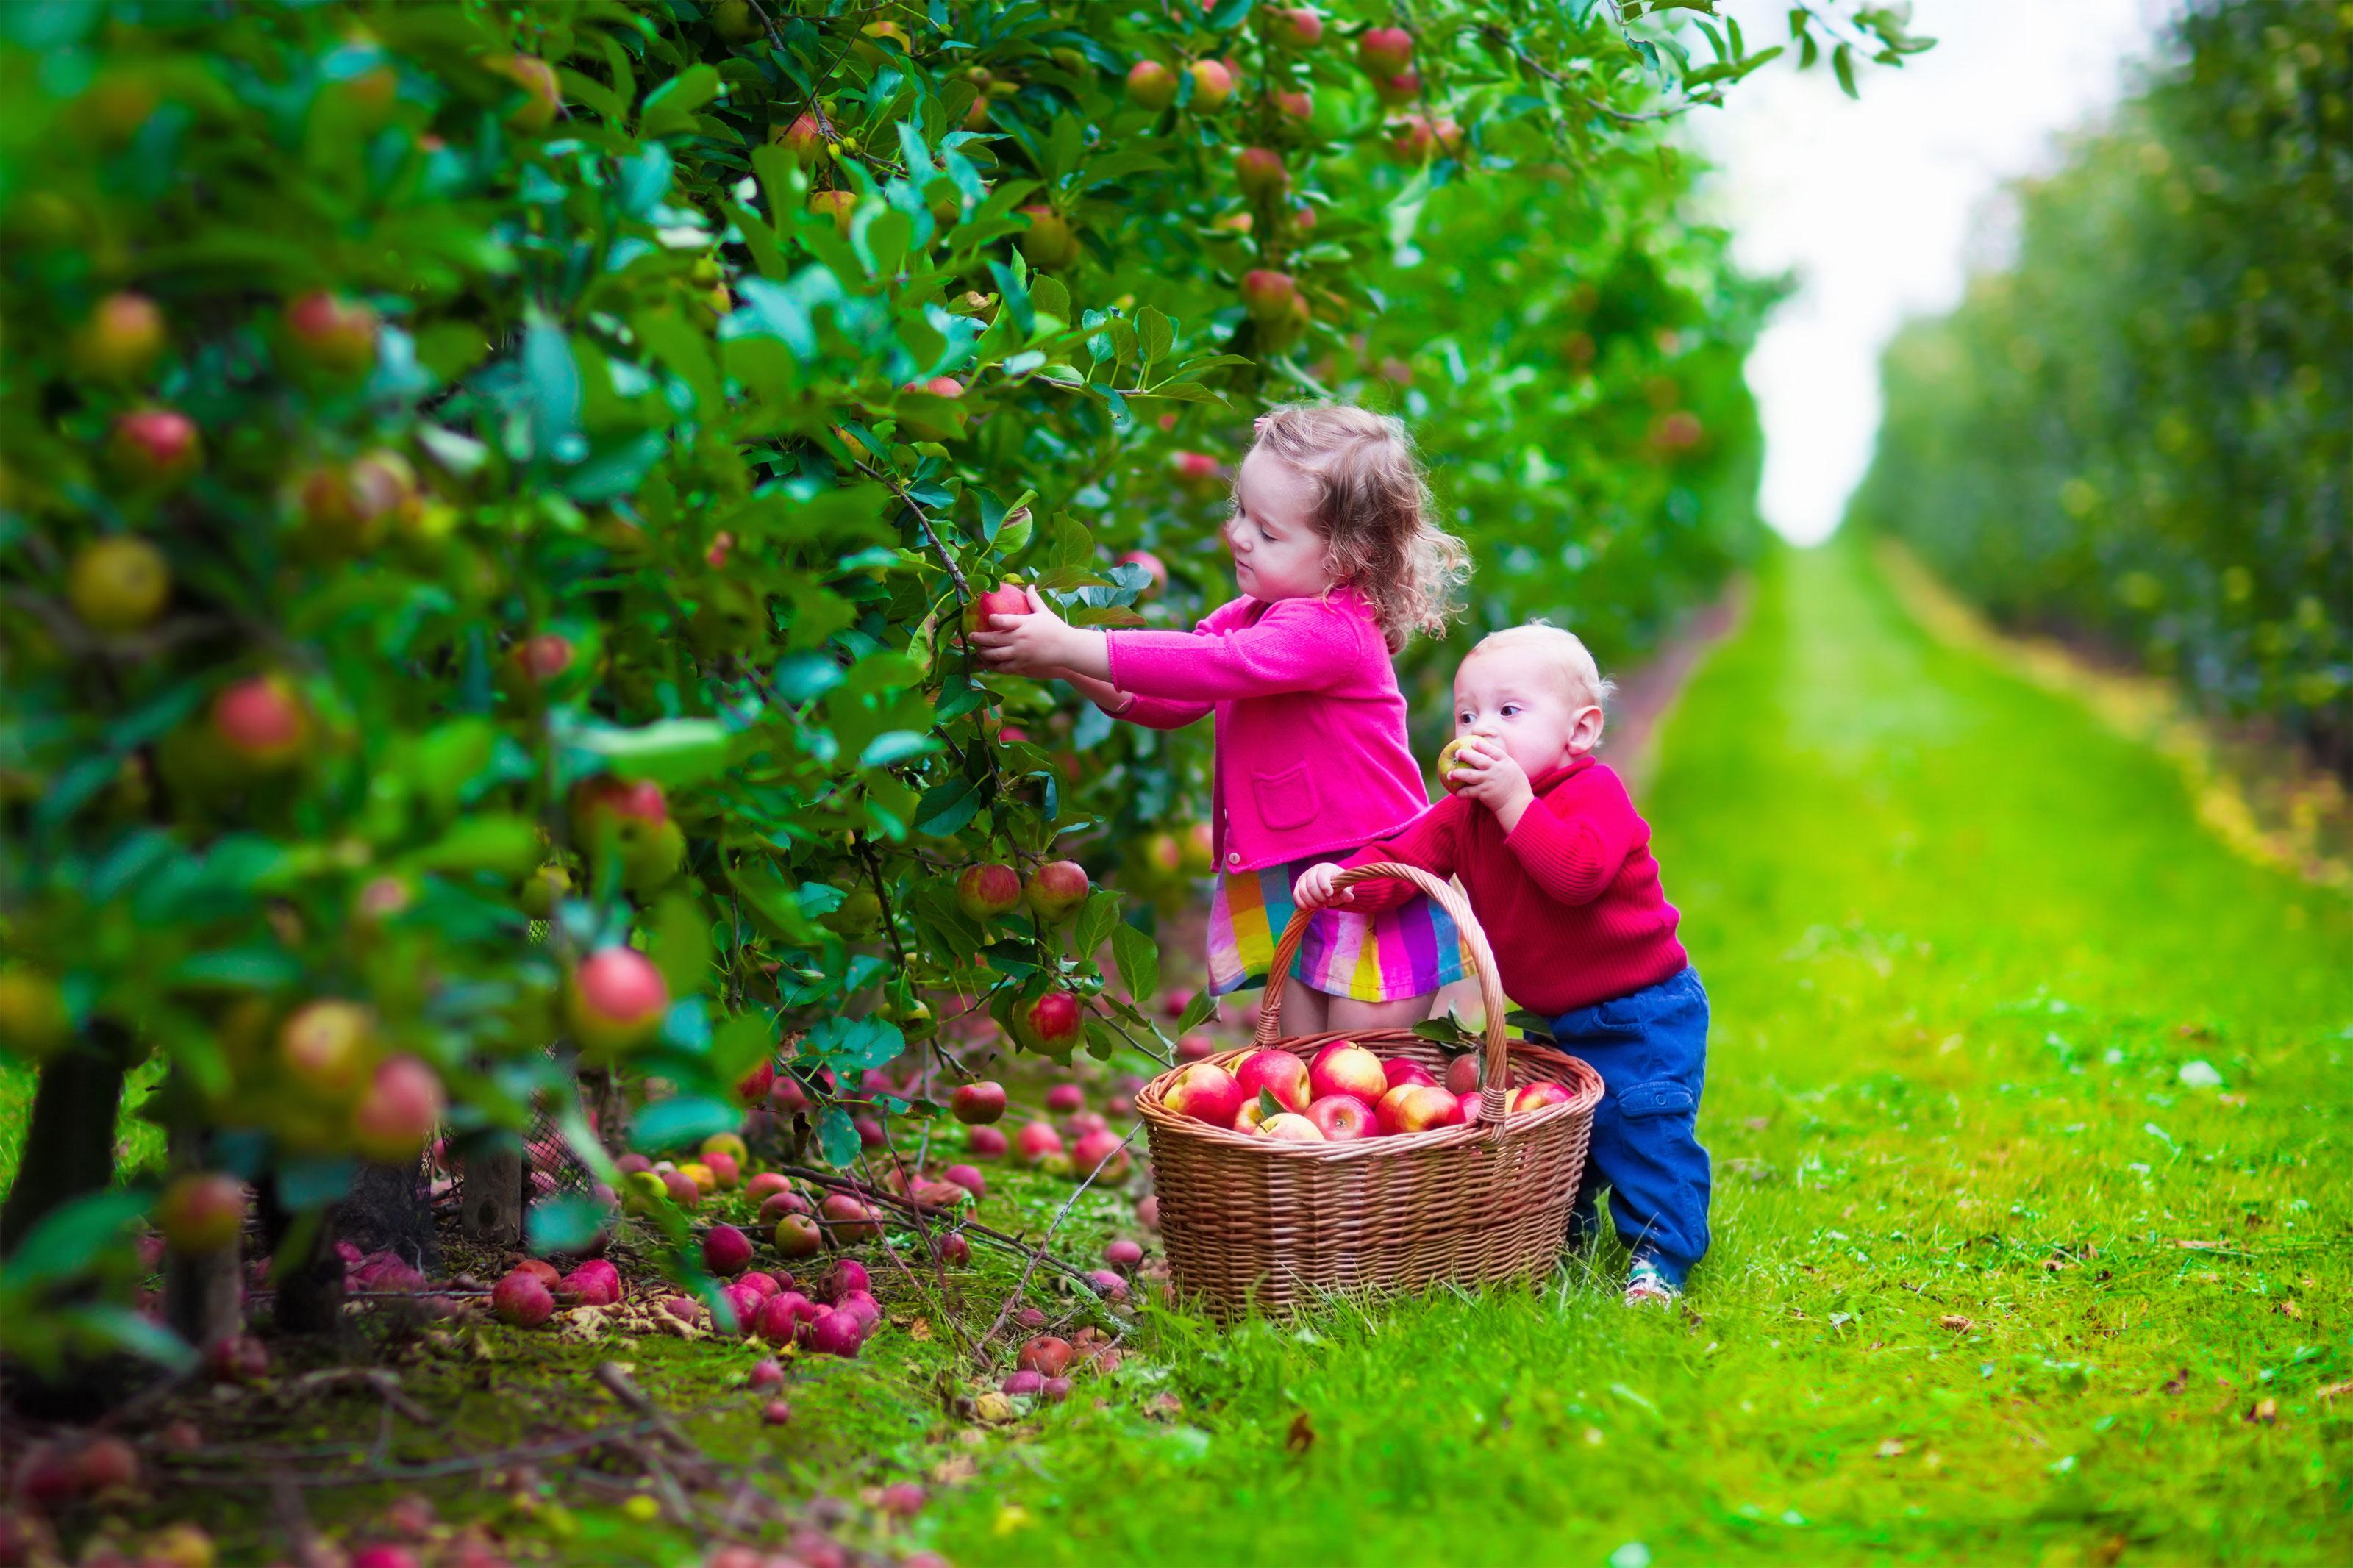 Children Picking Apples in Autumn